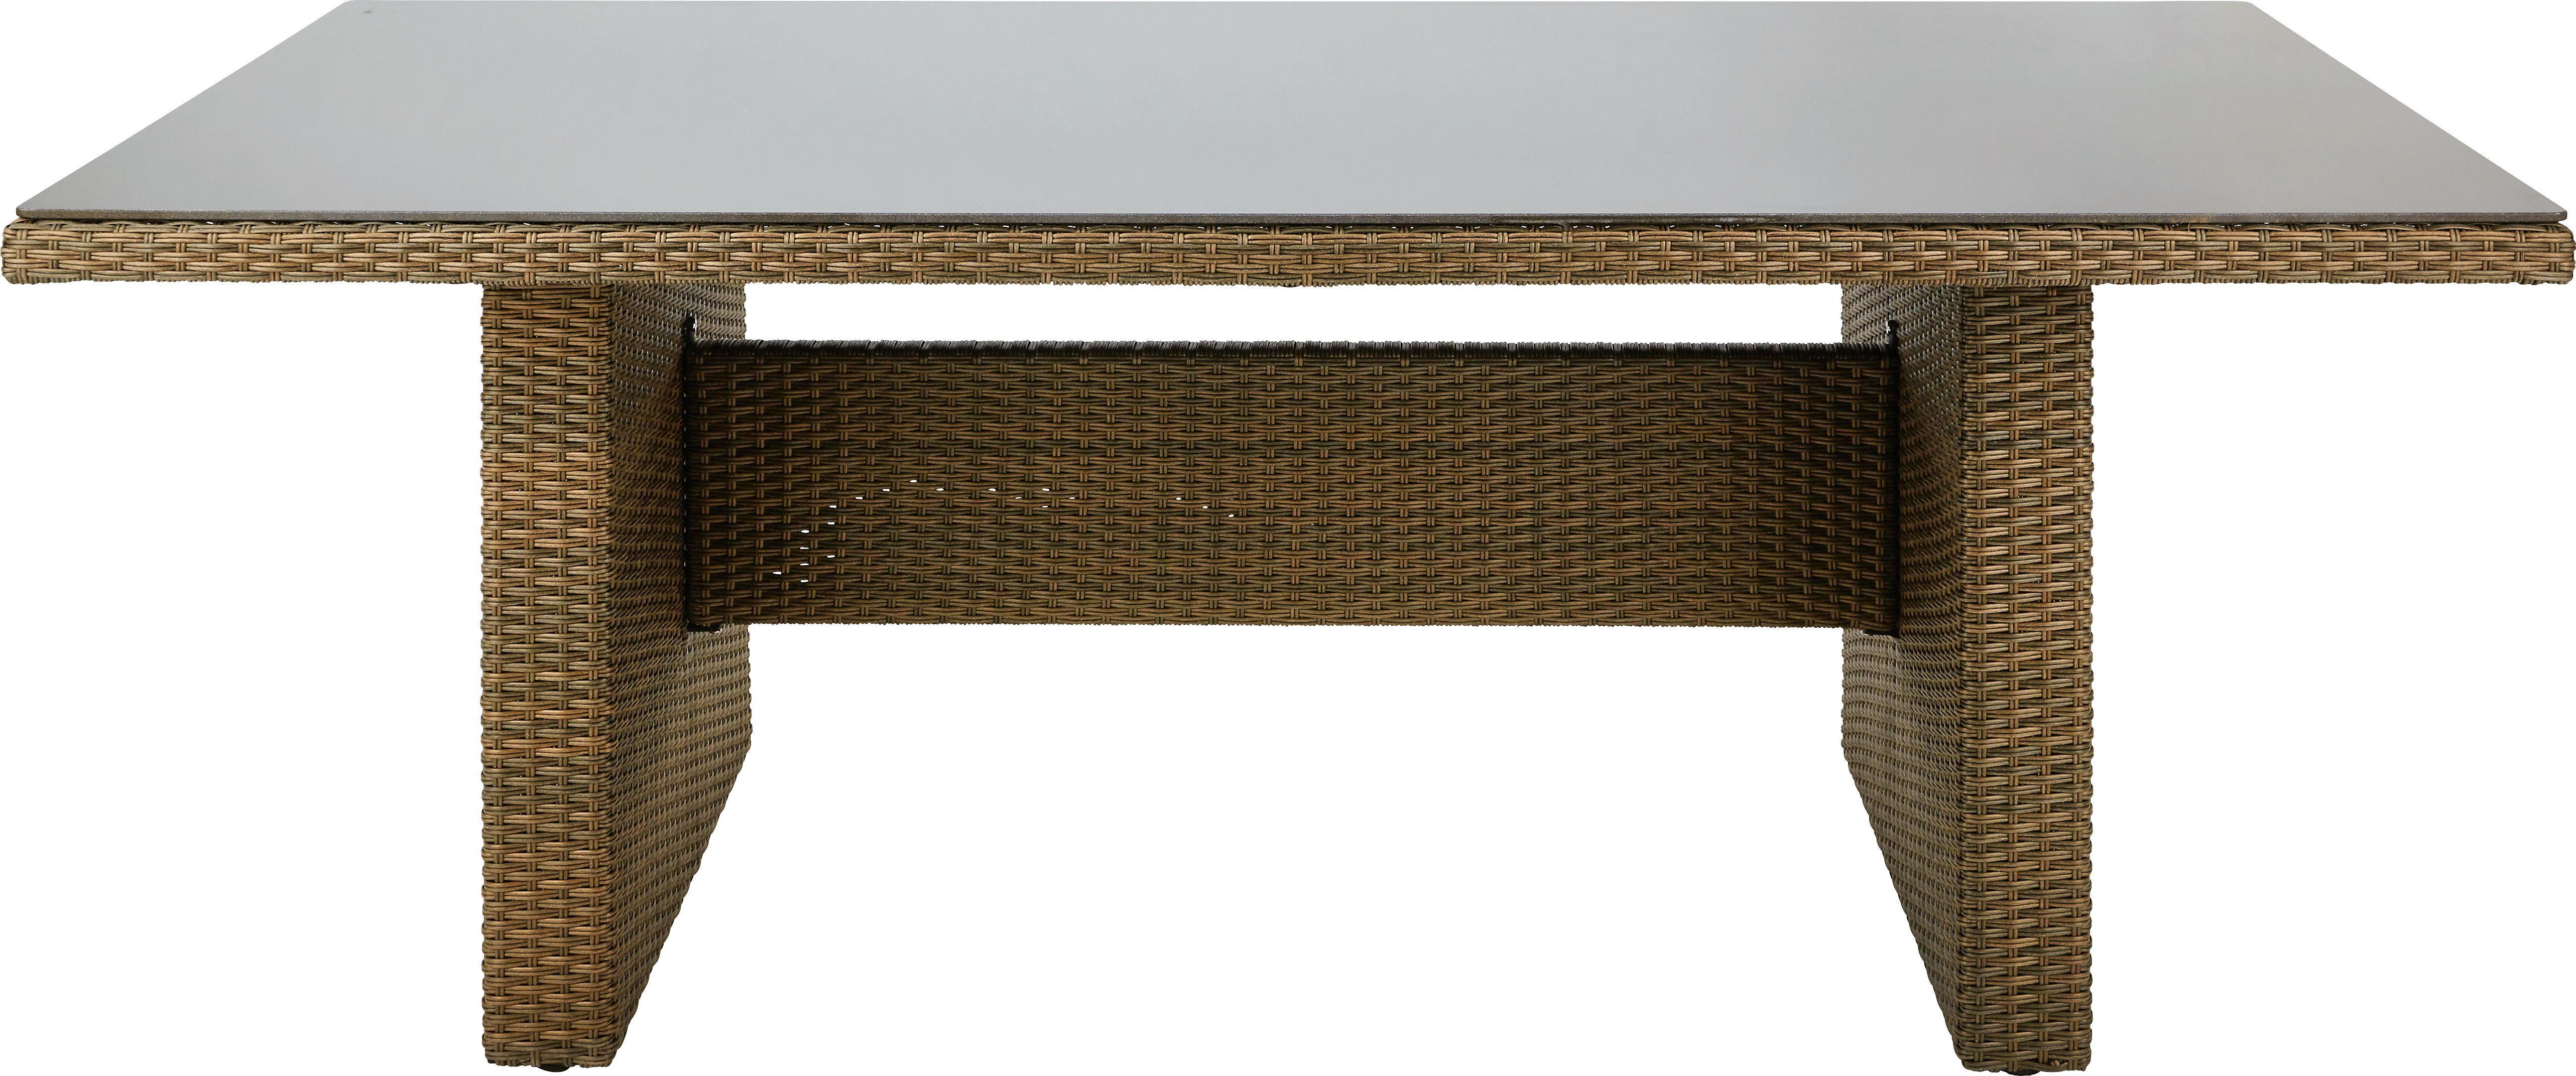 GARTENTISCH Glas, Kunststoff, Metall Braun - Braun, LIFESTYLE, Glas/Kunststoff (200/74,5/100cm) - AMBIA GARDEN